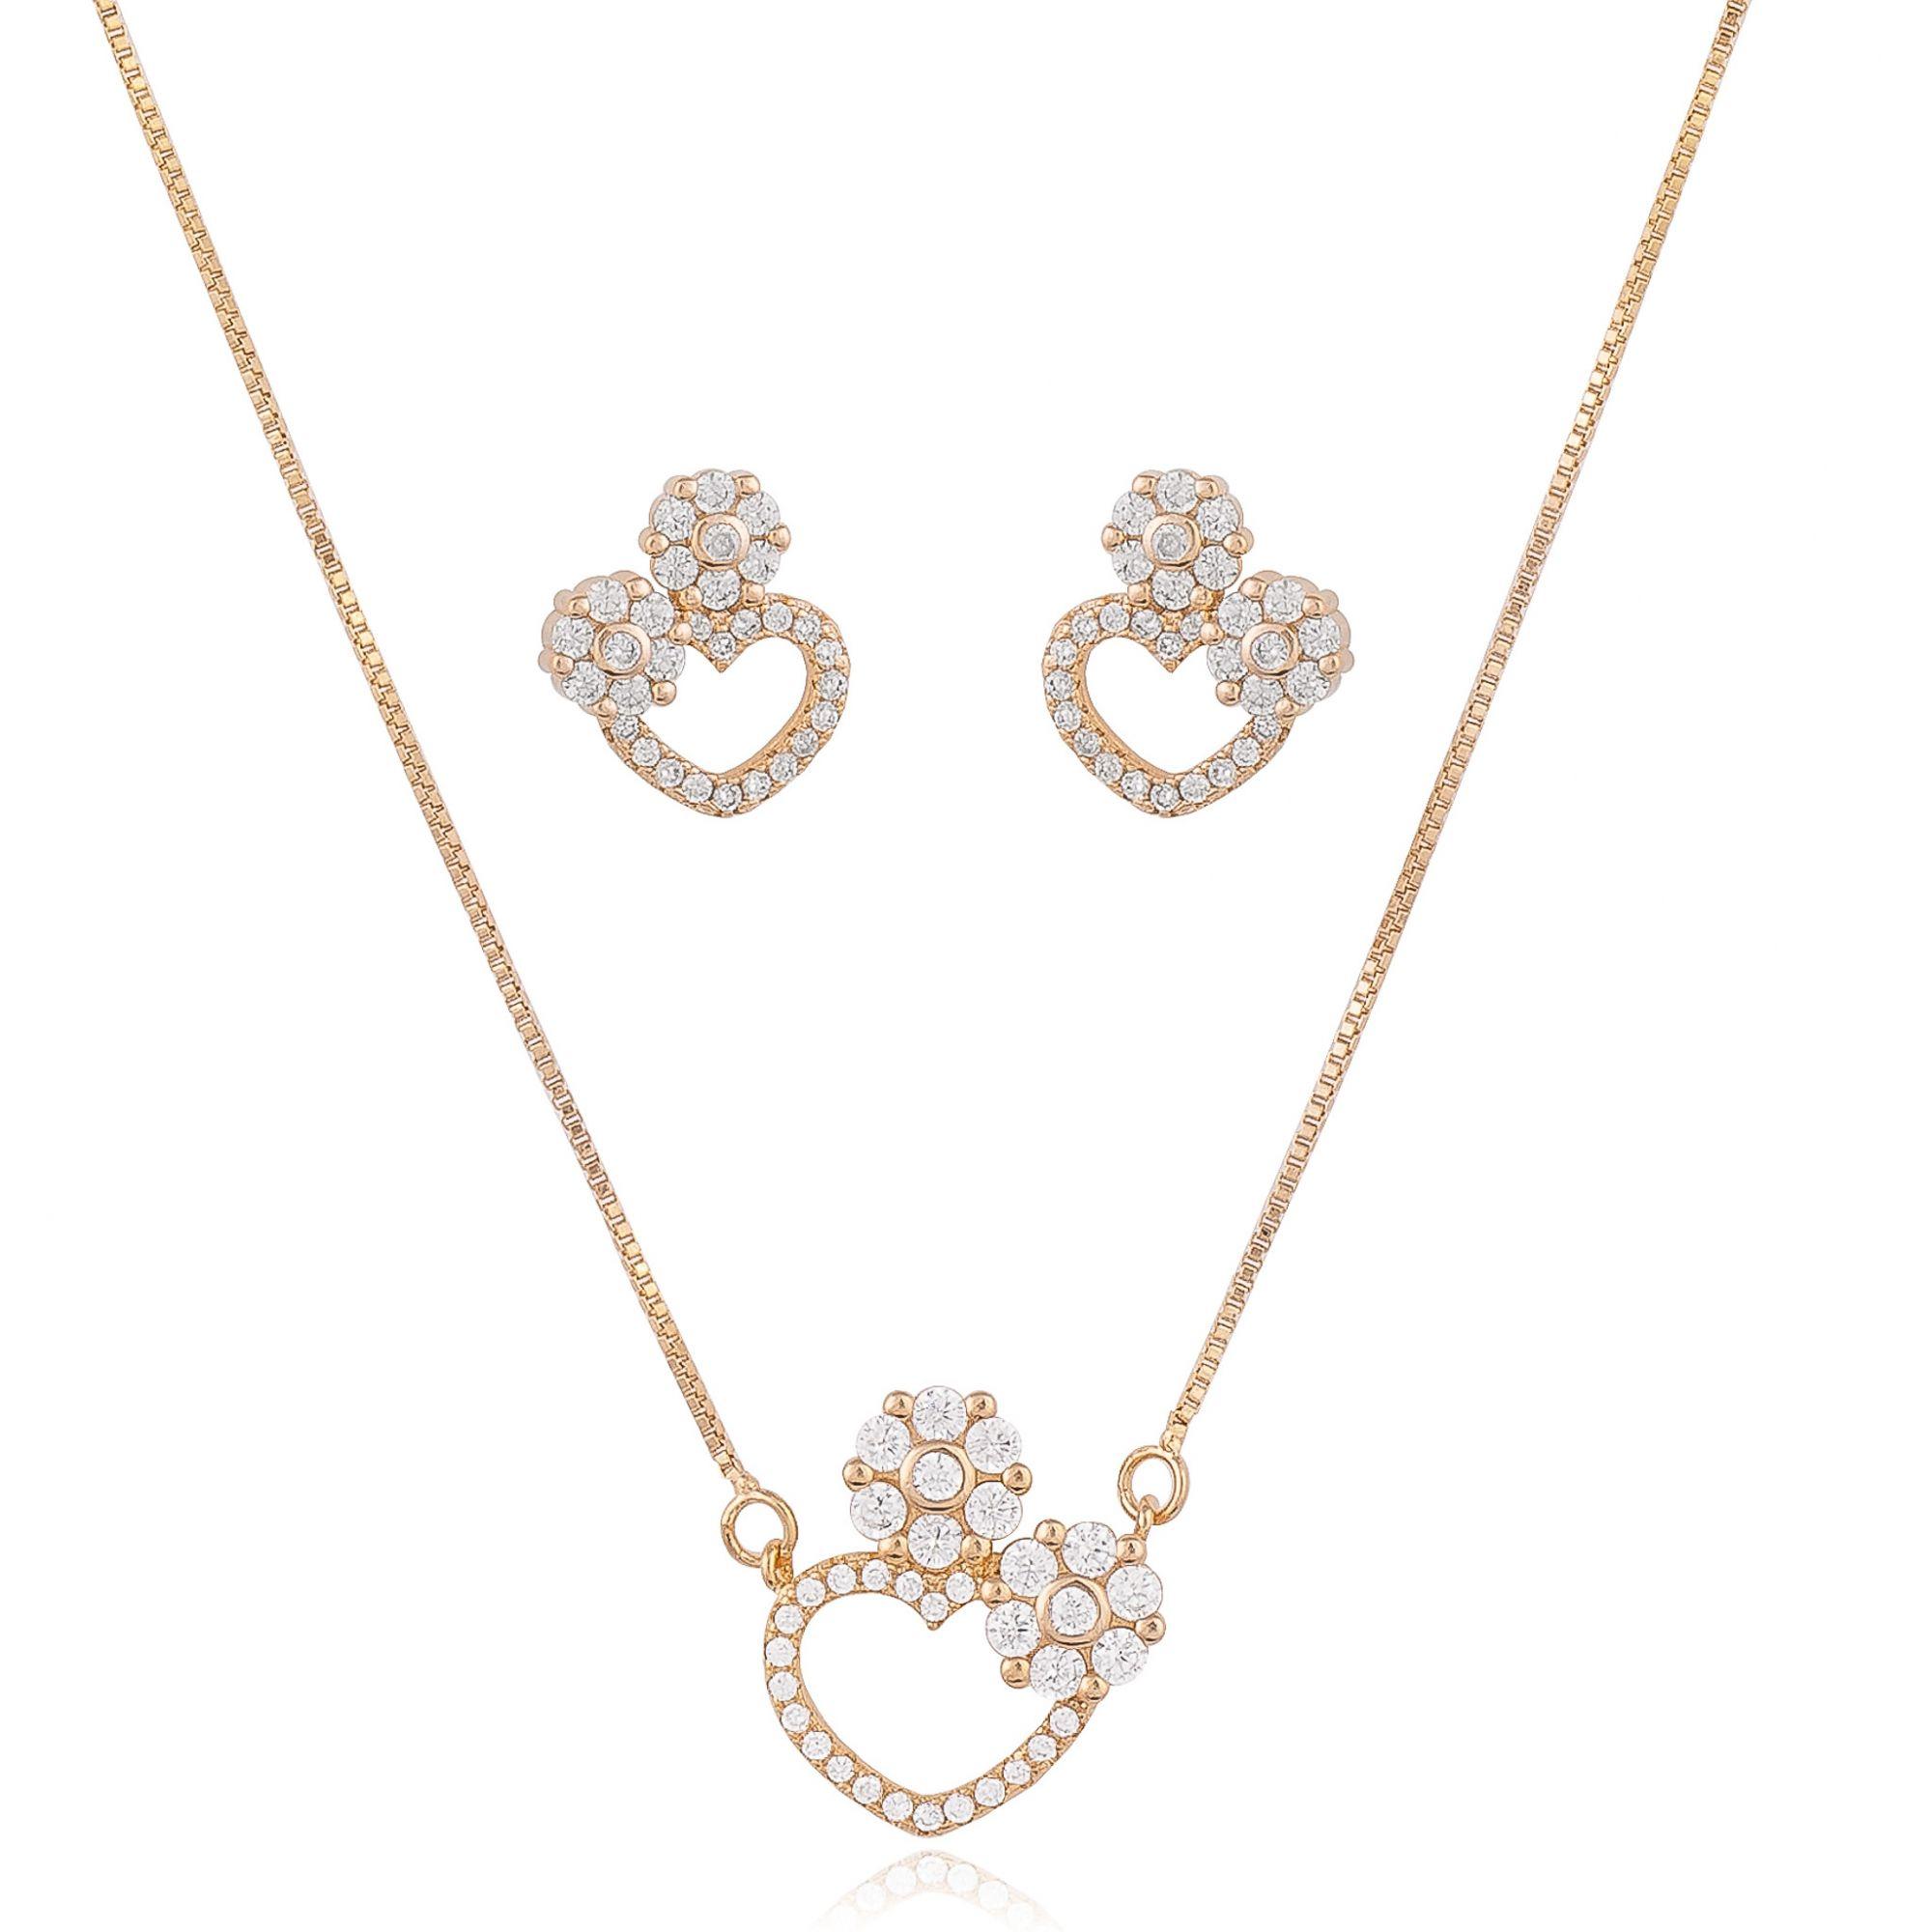 Conjunto detalhe de flor com zircônias cristais banhado a ouro 18k.  - bfdecor.com.br